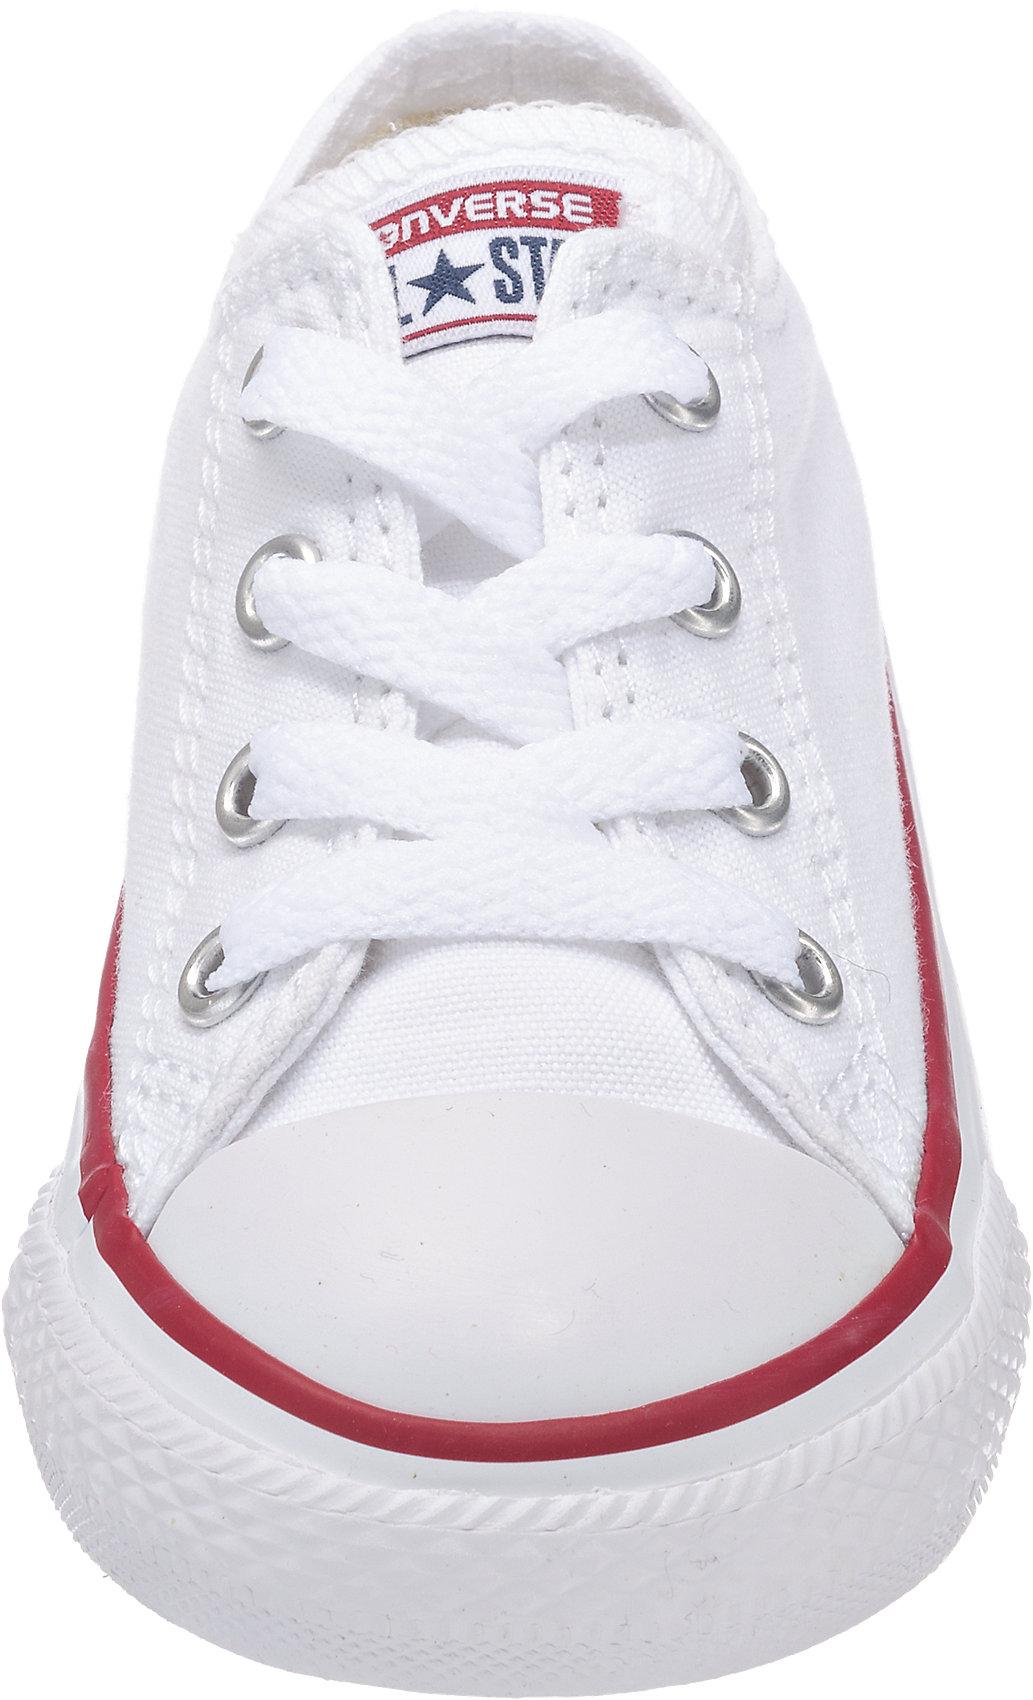 Neu CONVERSE Baby Sneakers Low OX OPTICAL 6054473 für Jungen und Mädchen